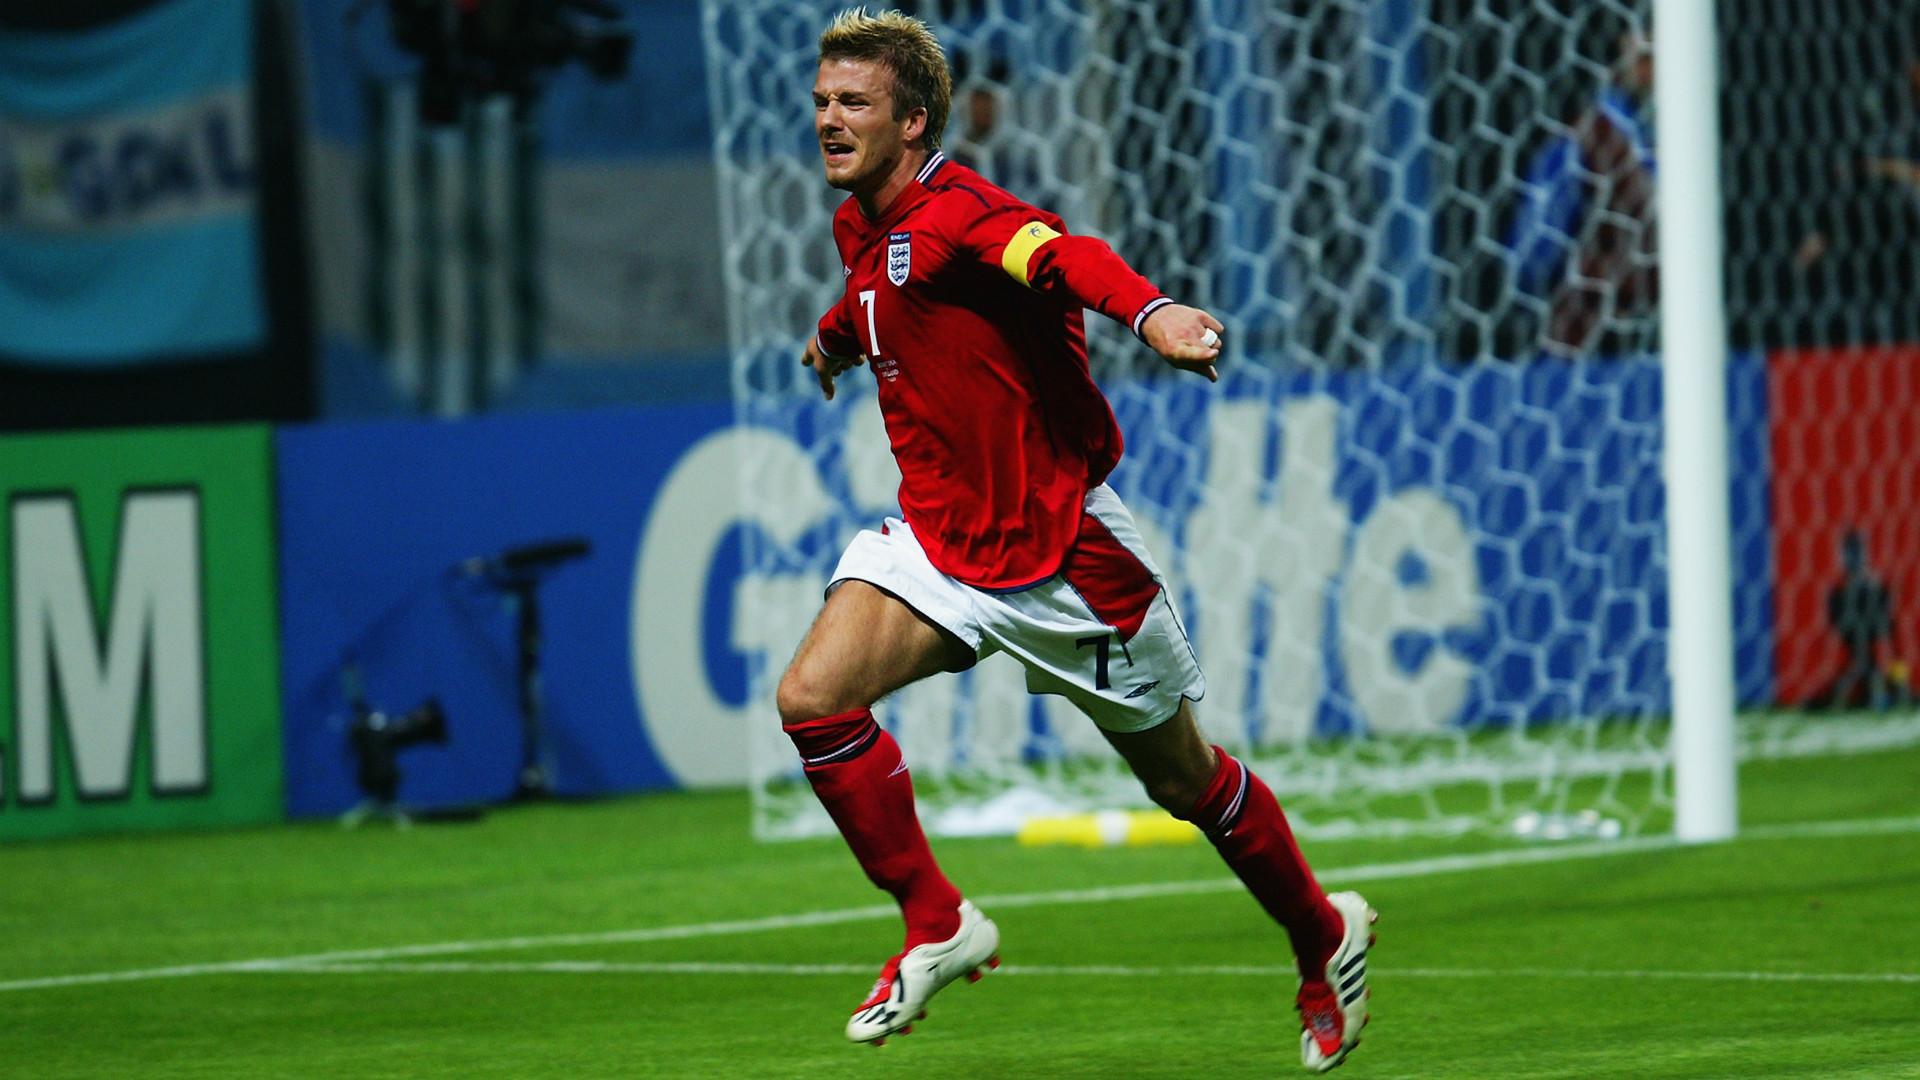 David Beckham 2002 World Cup